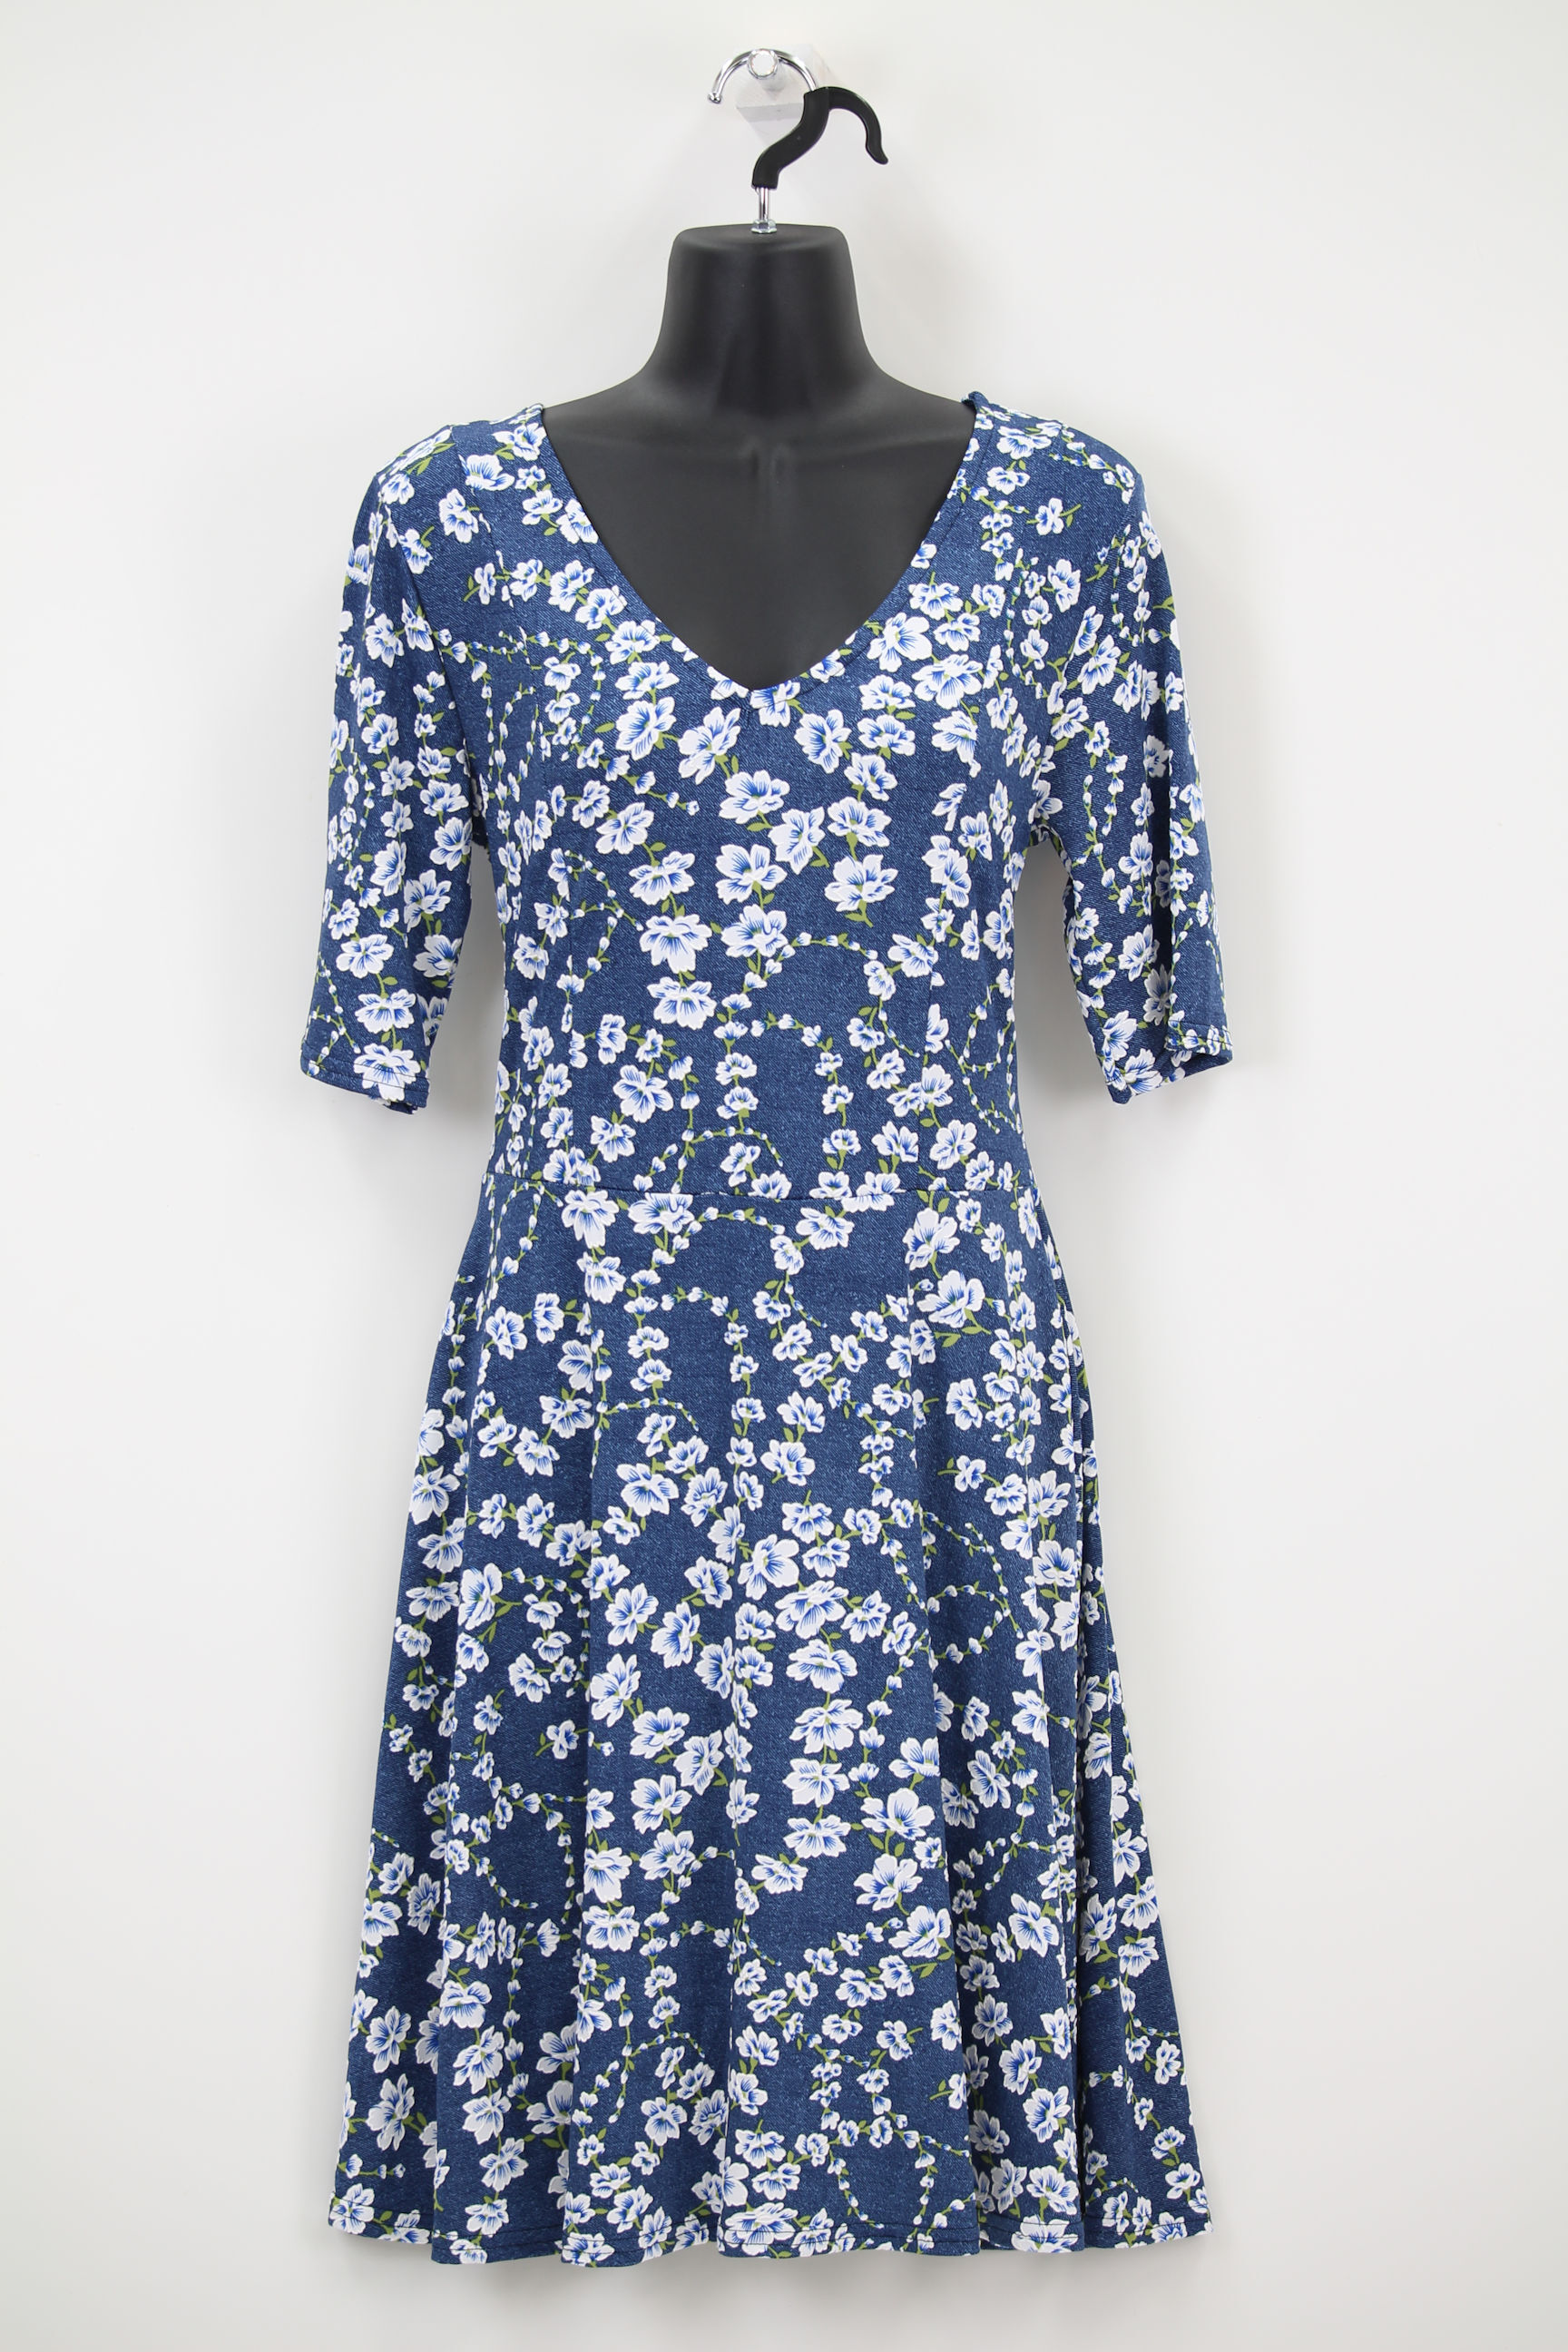 ブルー×白小花柄・バッグ編み上げリボンVネックワンピース